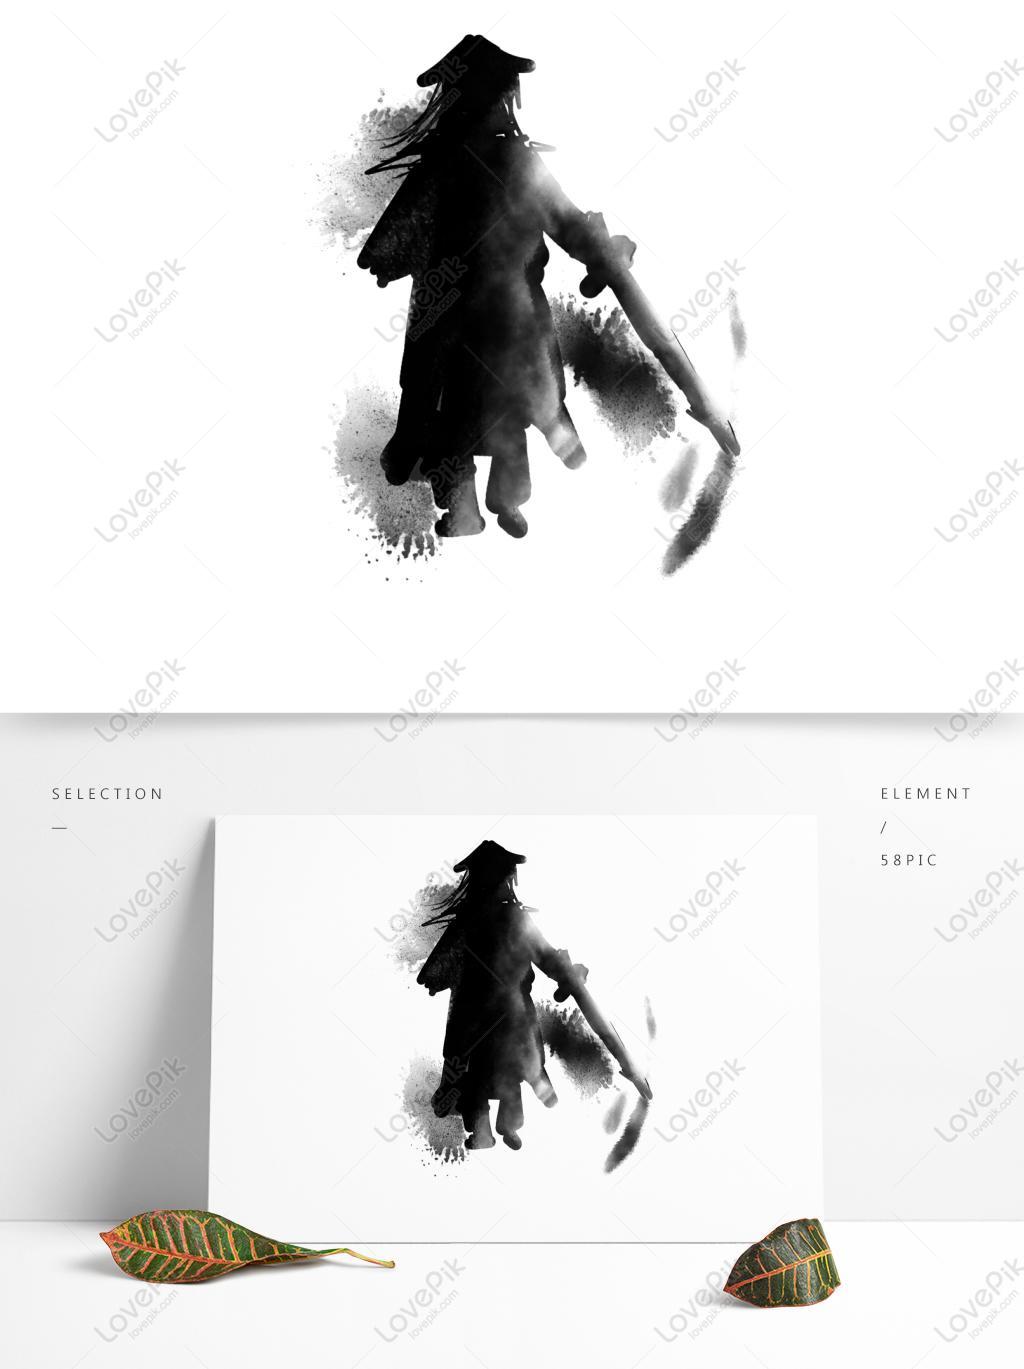 武侠人物剪影水墨国画黑白手绘可商用元素